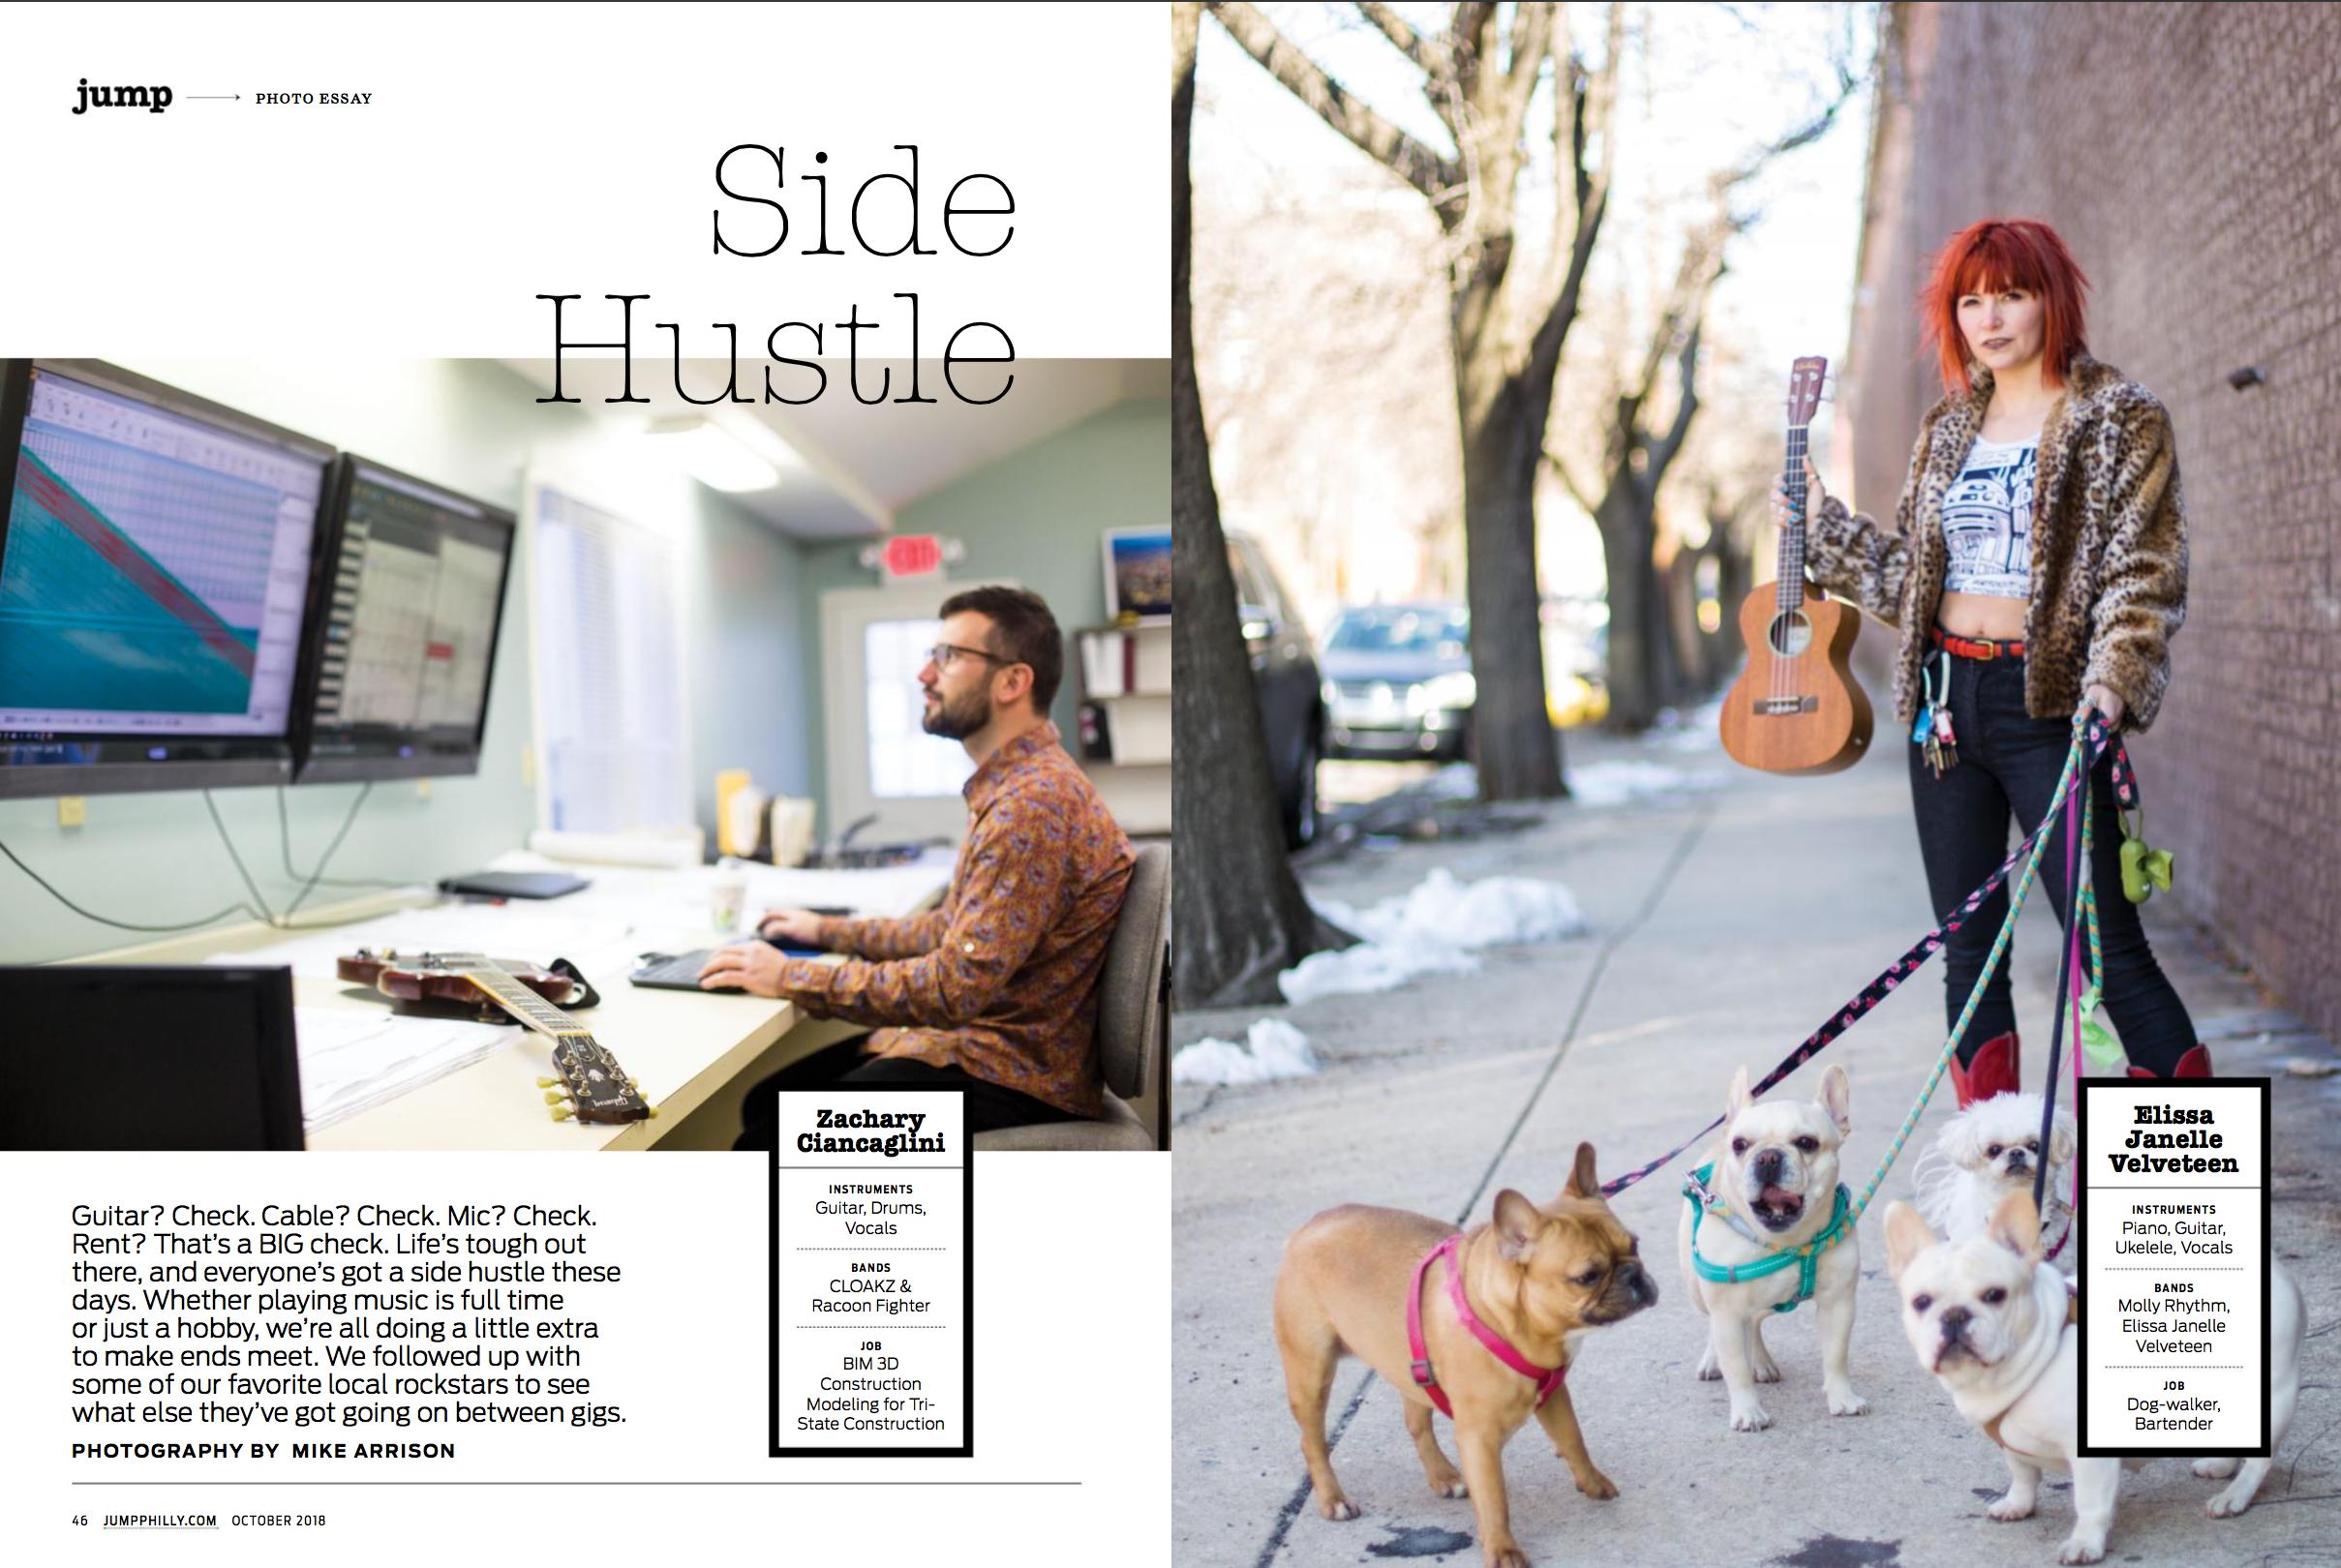 Side Hustles 1.png